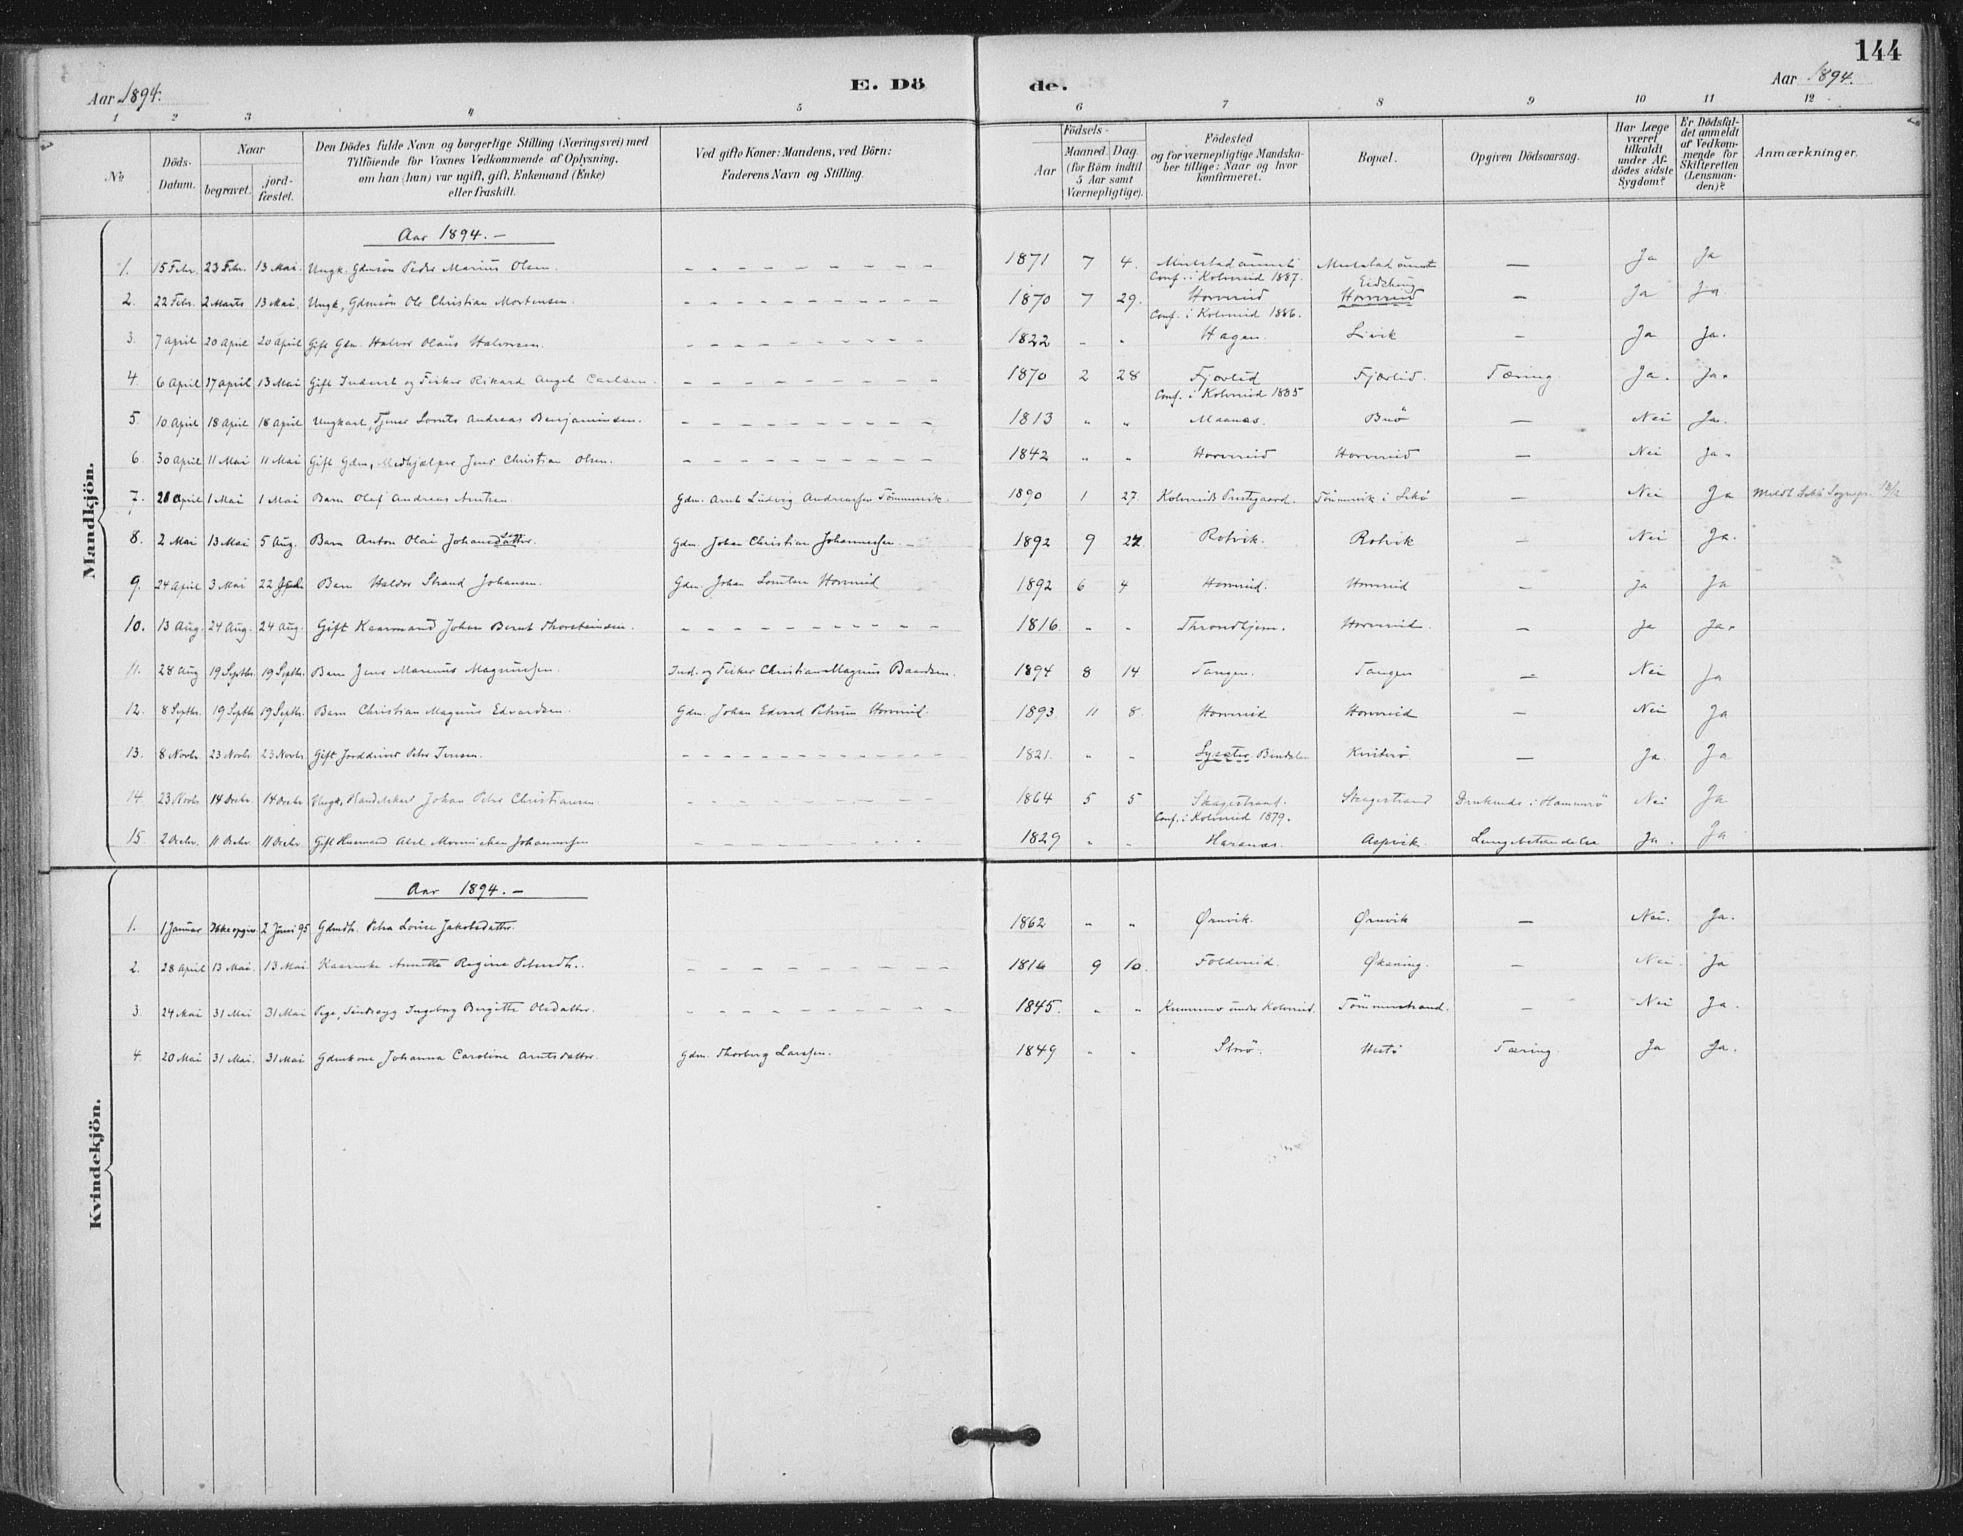 SAT, Ministerialprotokoller, klokkerbøker og fødselsregistre - Nord-Trøndelag, 780/L0644: Ministerialbok nr. 780A08, 1886-1903, s. 144